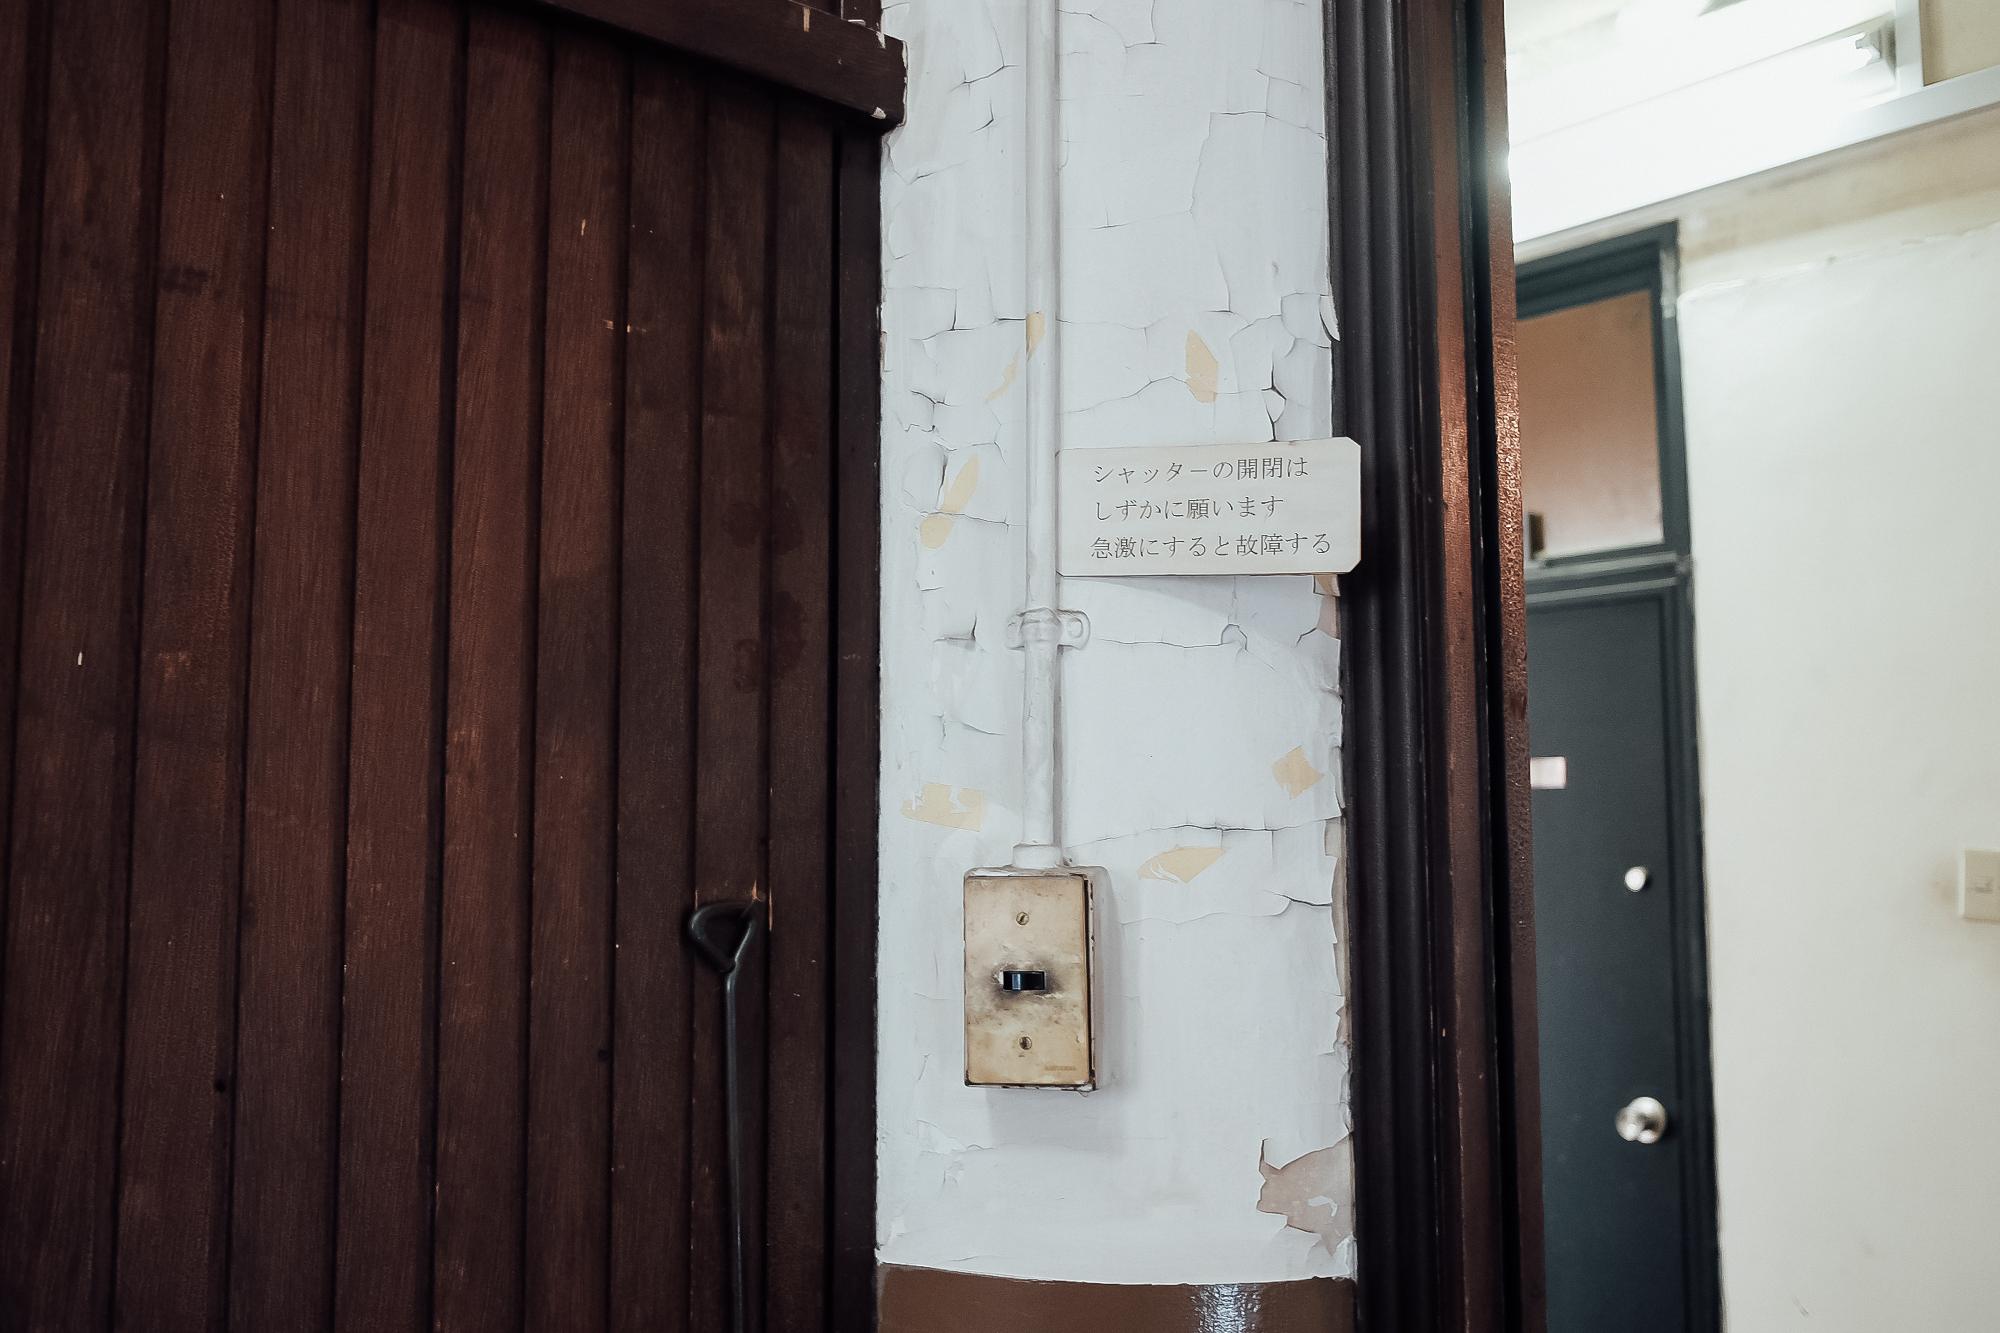 atelier elのアトリエ・古いビル